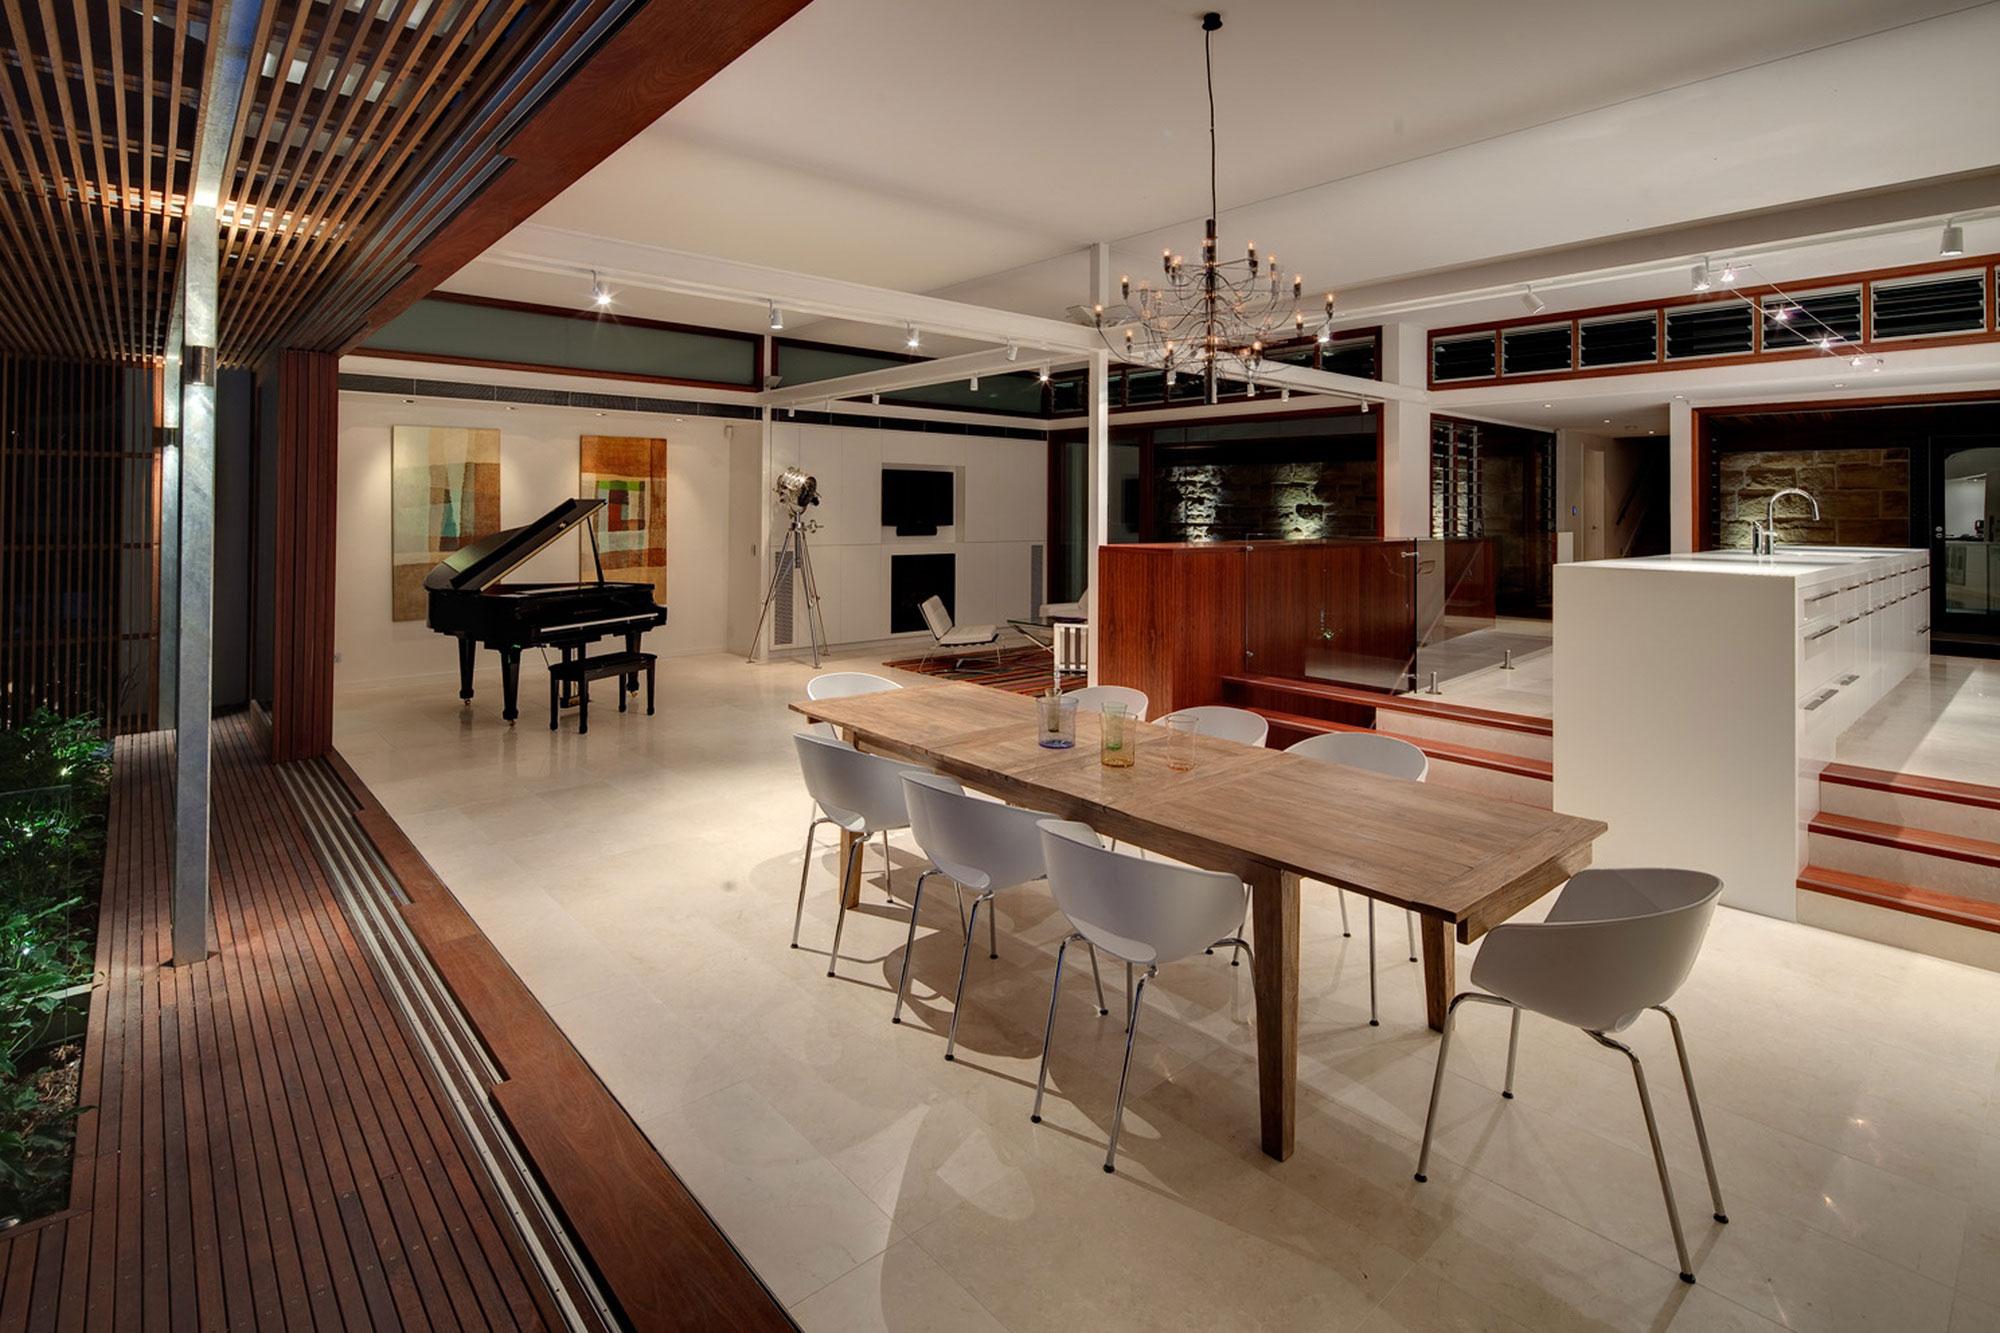 Авторские проекты современных домов: четырёхэтажный эко-дом с бассейном